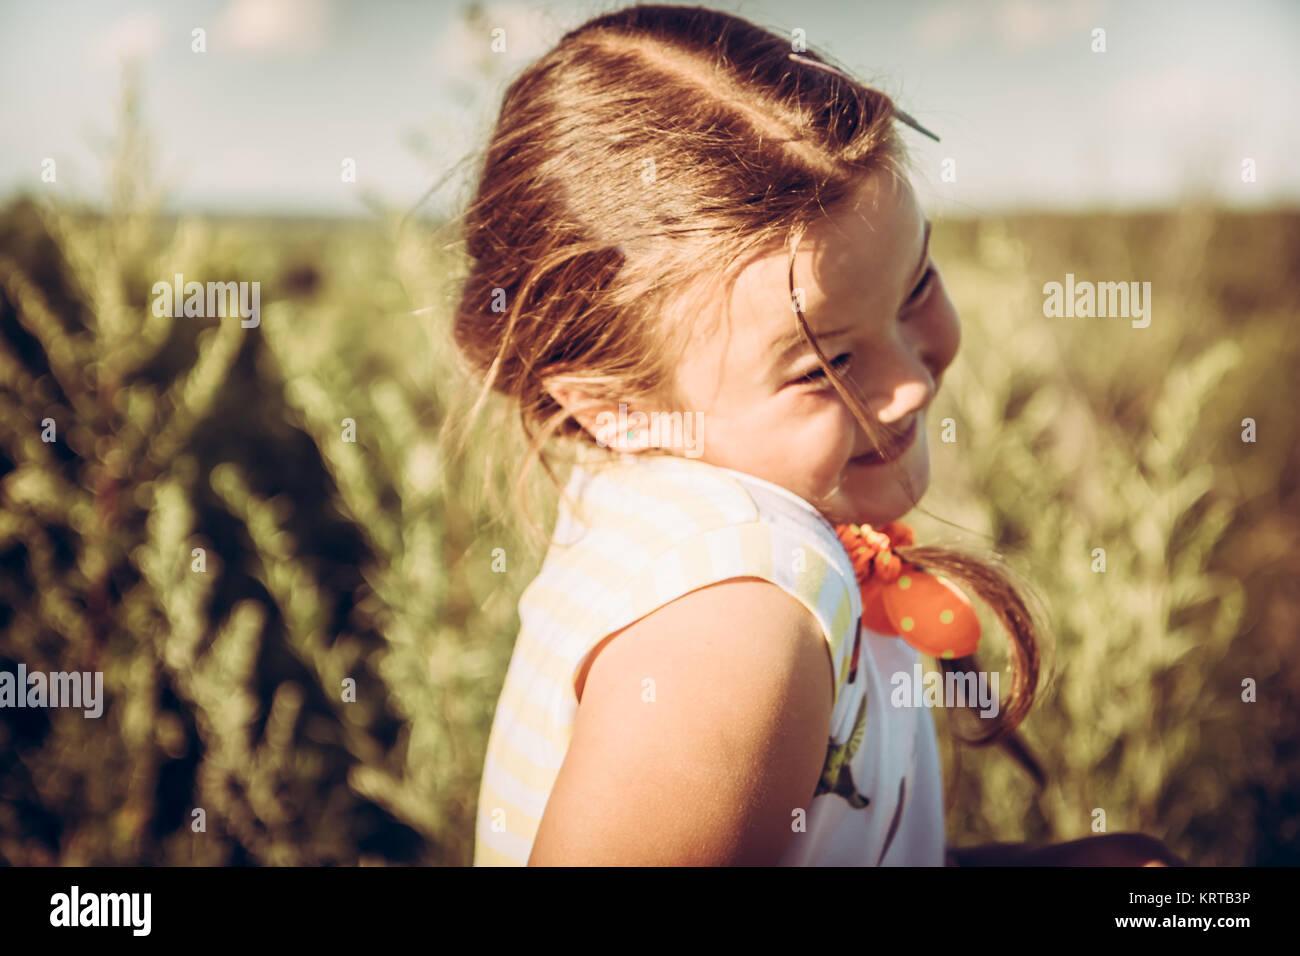 Cute tímida niña plumpy en verano campo rural en el campo durante las vacaciones de verano simbolizando Imagen De Stock